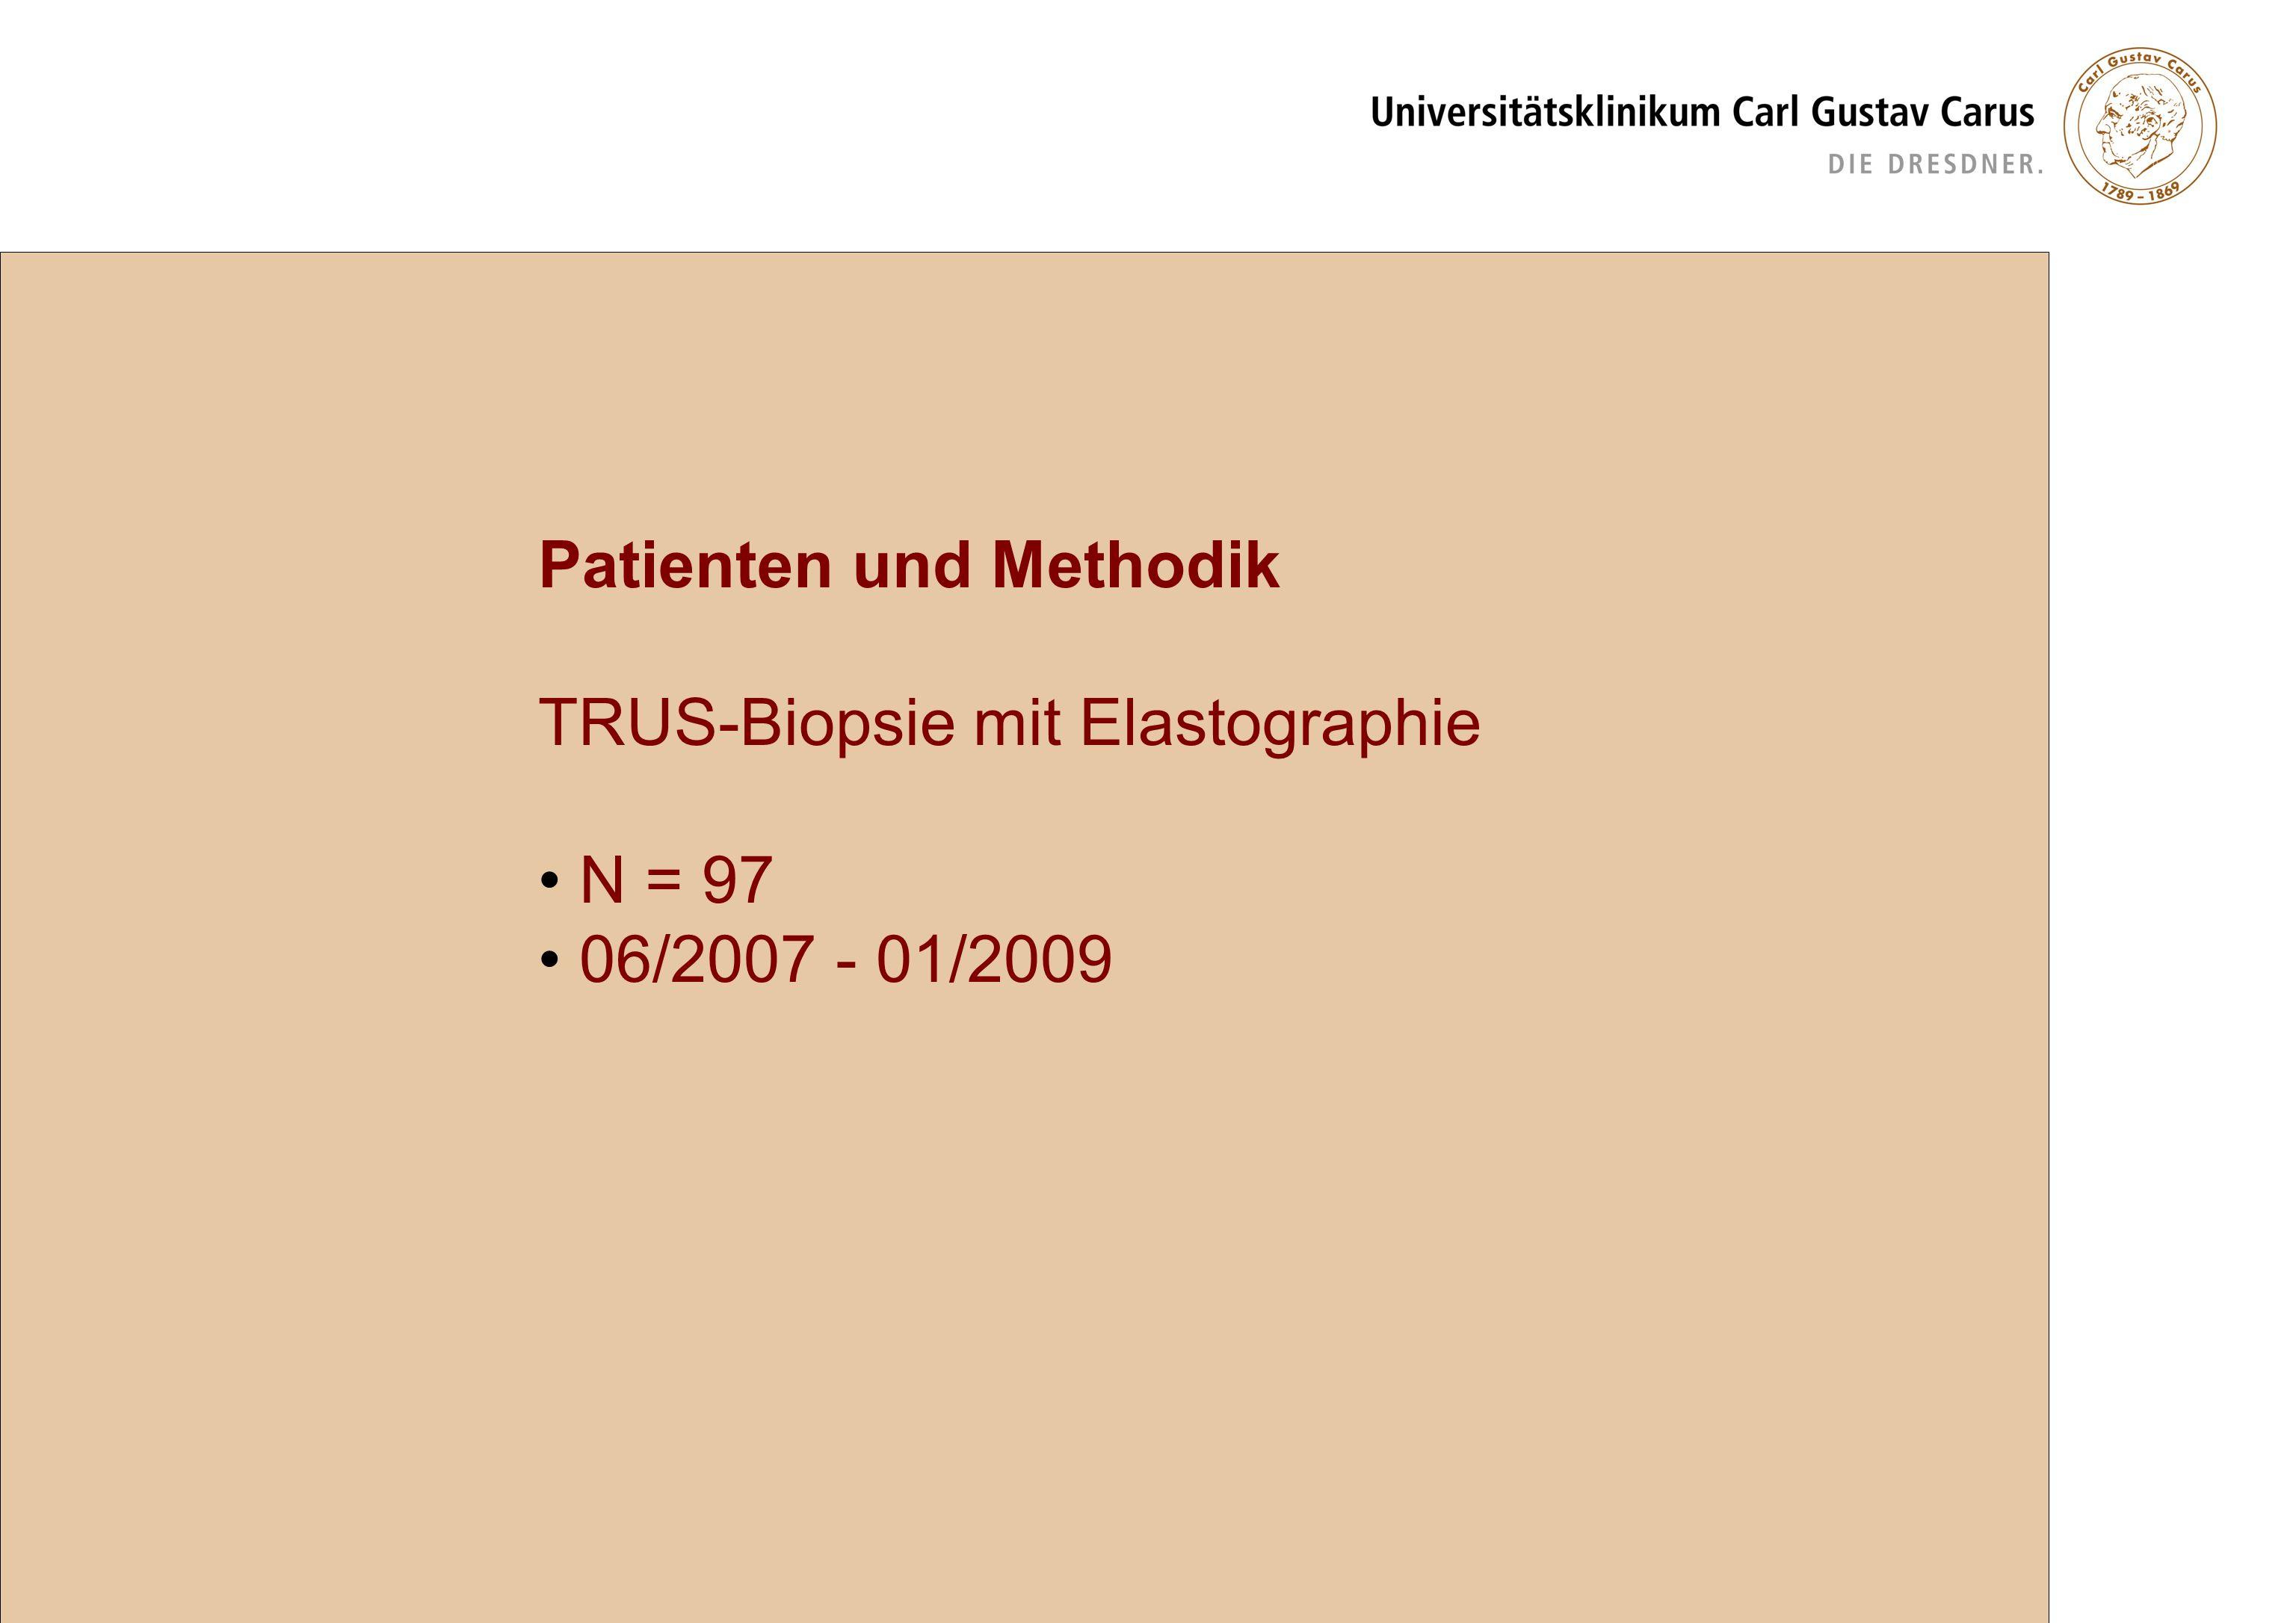 Patienten und Methodik